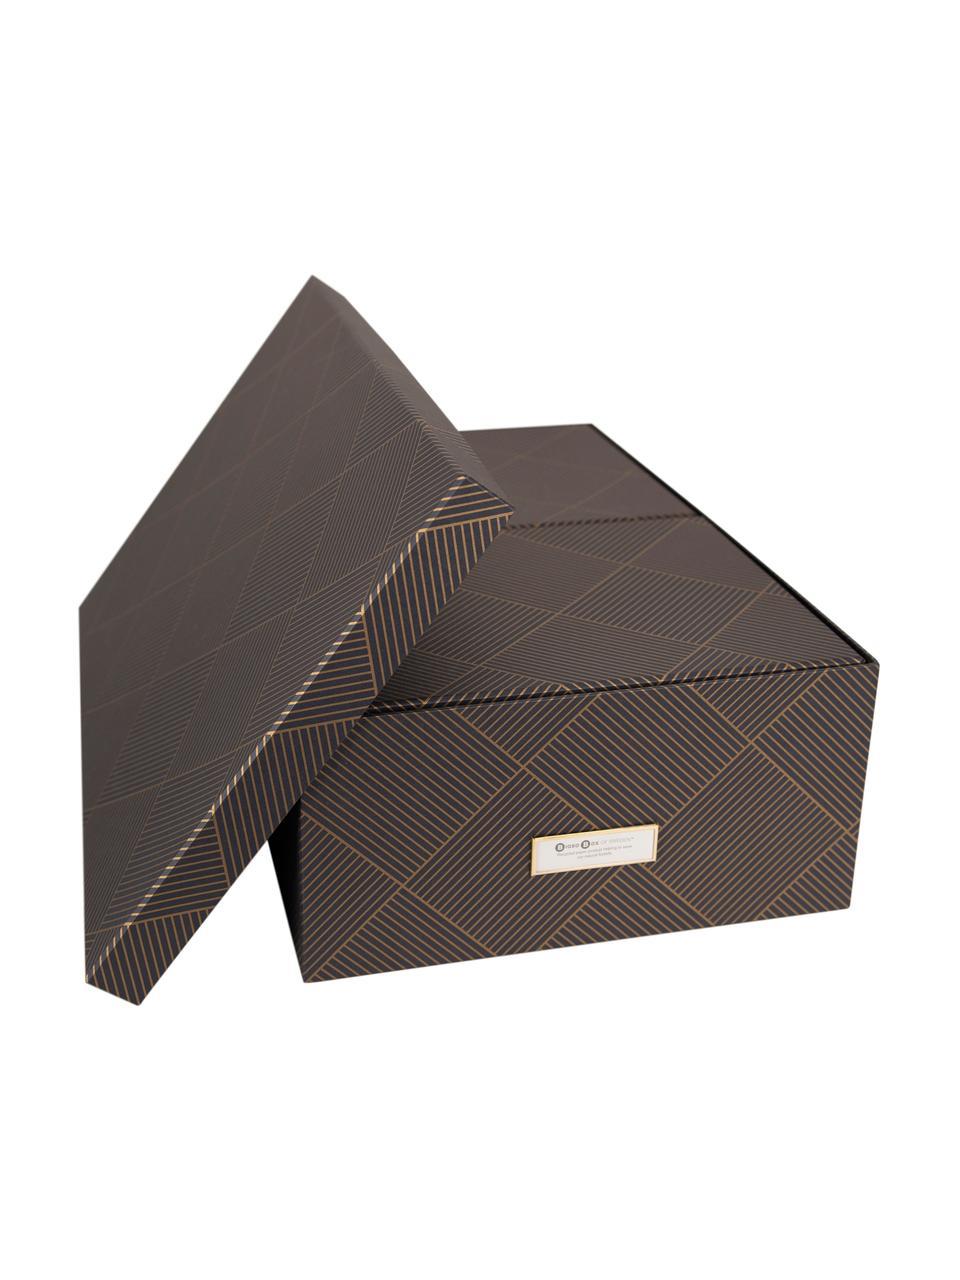 Set 3 scatole Inge, Scatola: solido, cartone laminato, Dorato, grigio scuro, Set in varie misure